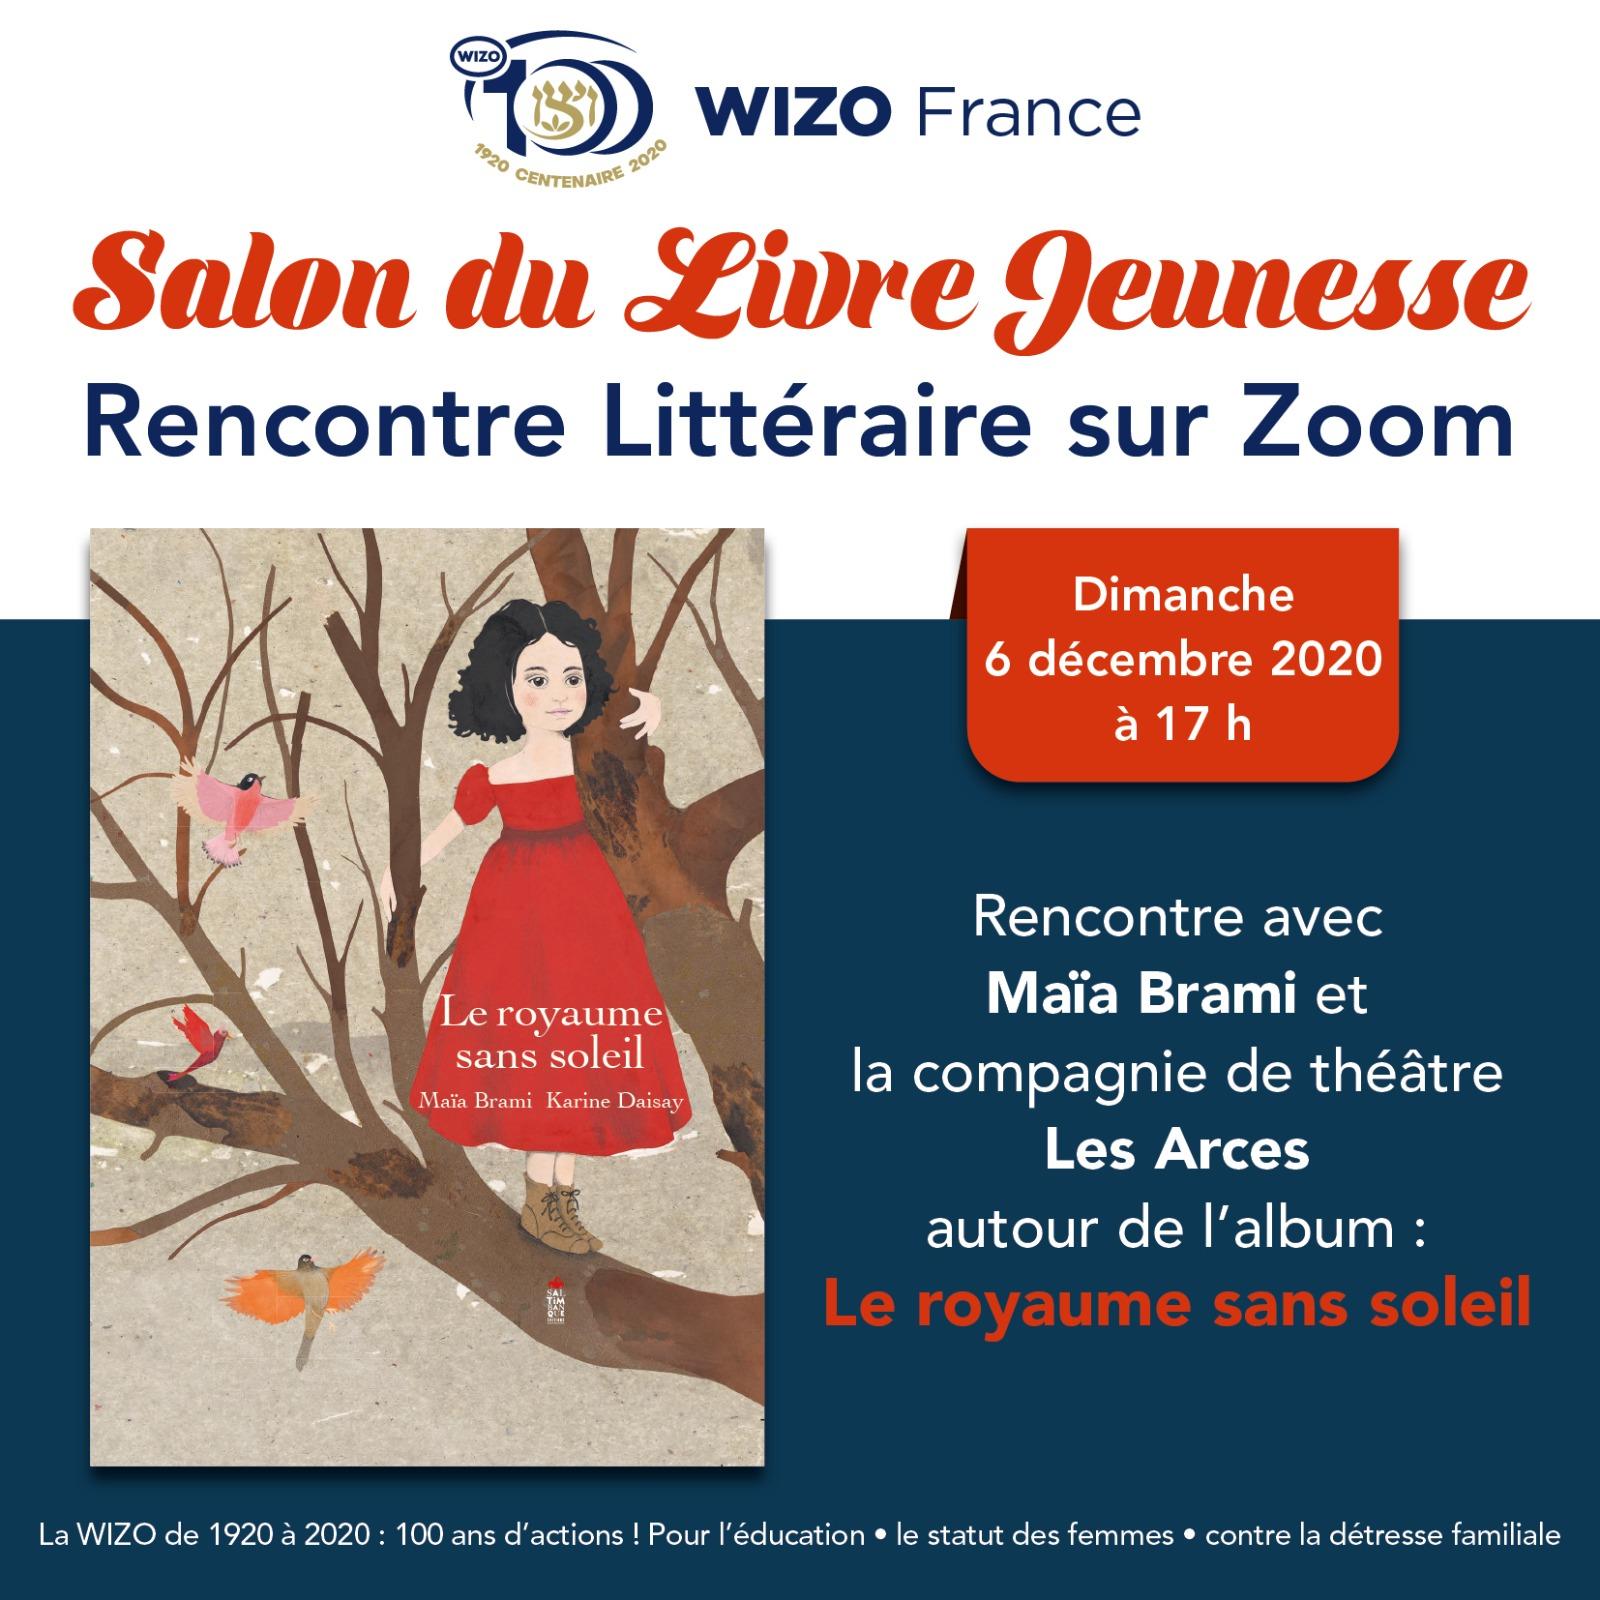 Salon du livre jeunesse en France